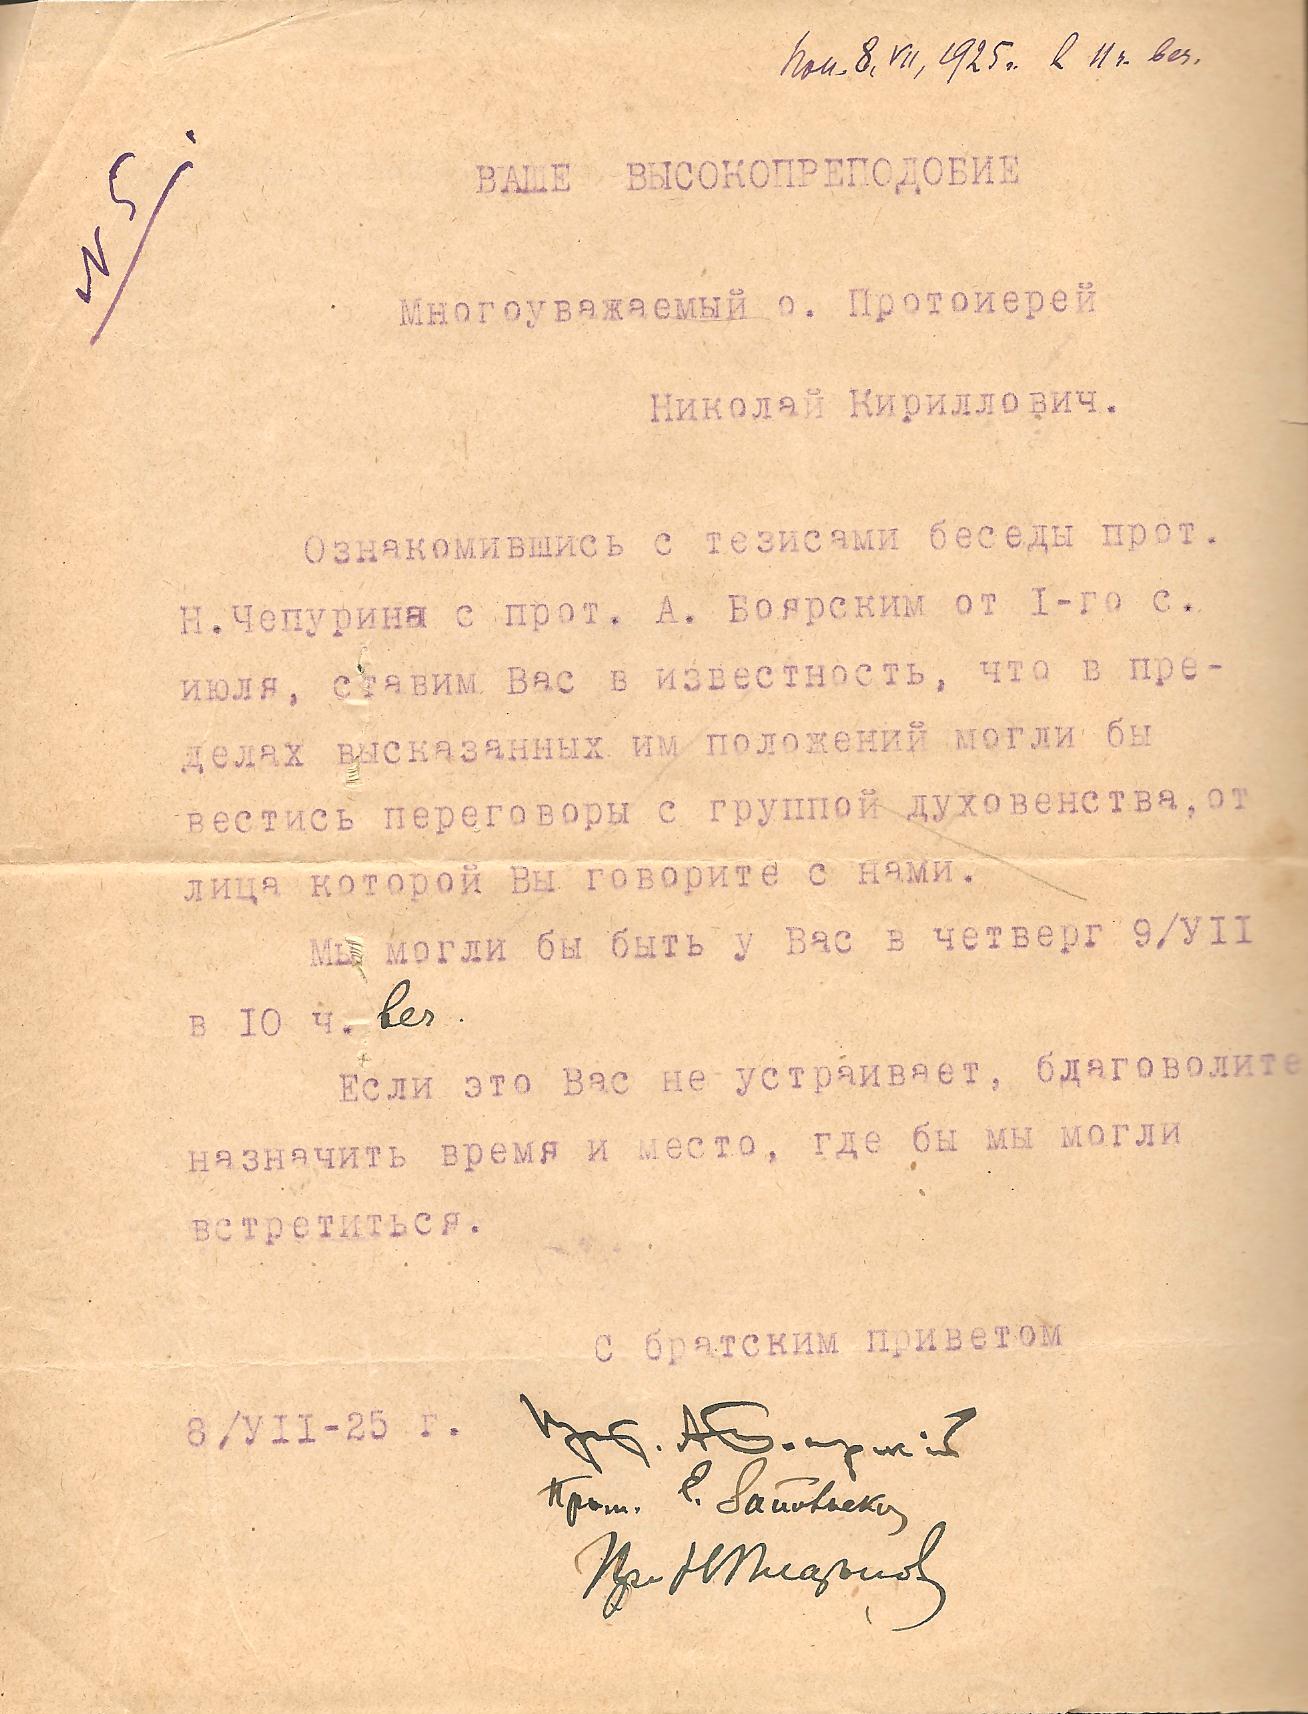 Письмо Боярского